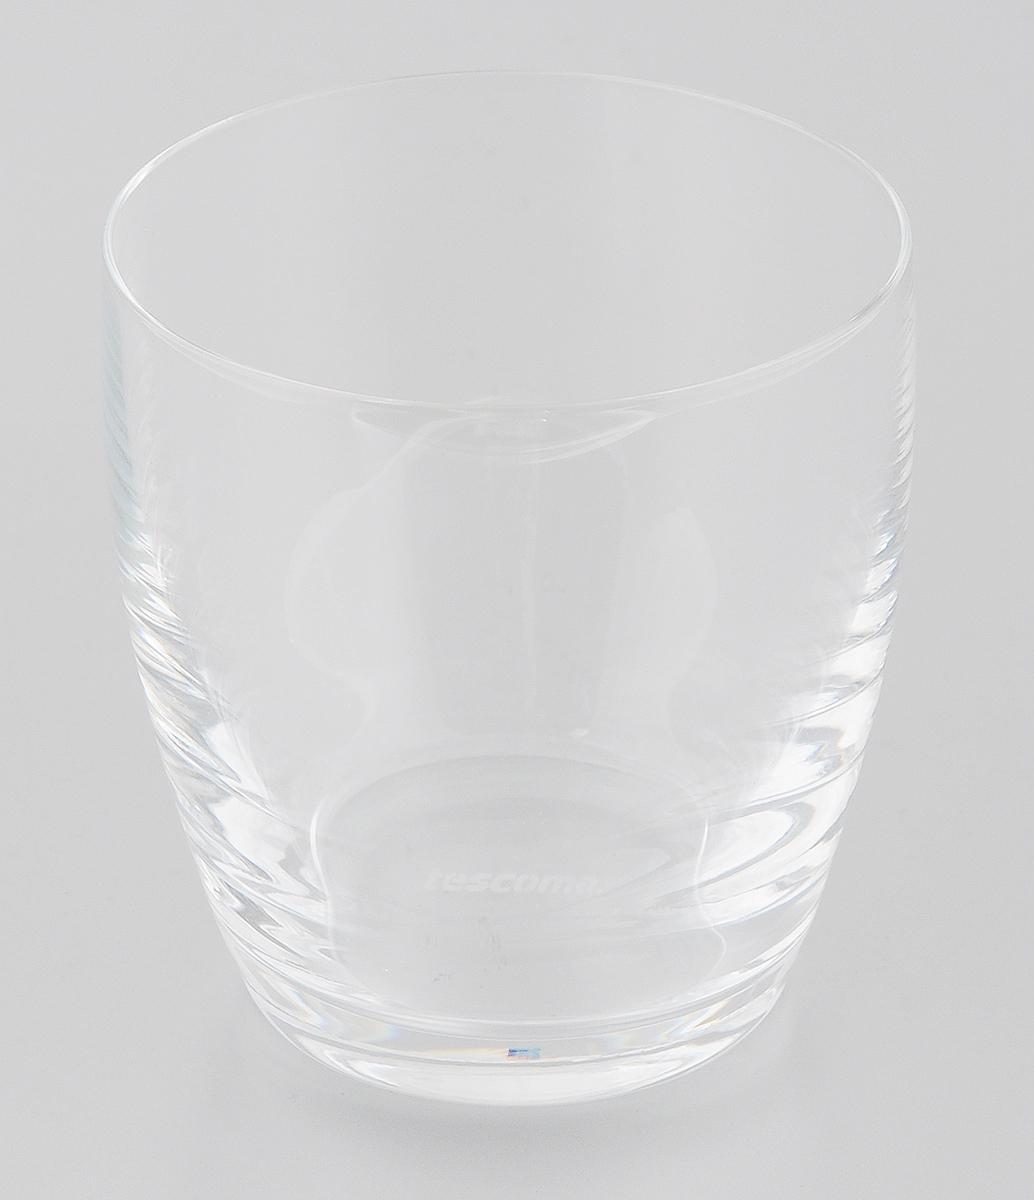 Стакан Tescoma Crema, 350 мл306250Стакан Tescoma Crema, изготовлен из прочного боросиликатового стекла, прекрасно дополнит интерьер вашей кухни. Изящный дизайн стакана придется по вкусу и ценителям классики, и тем, кто предпочитает утонченность и изысканность. Стакан Tescoma Crema станет хорошим подарком к любому празднику.Изделие пригодно для микроволновой печи, холодильника, морозильника и посудомоечной машины.Диаметр (по верхнему краю): 8 см.Высота: 9 см.